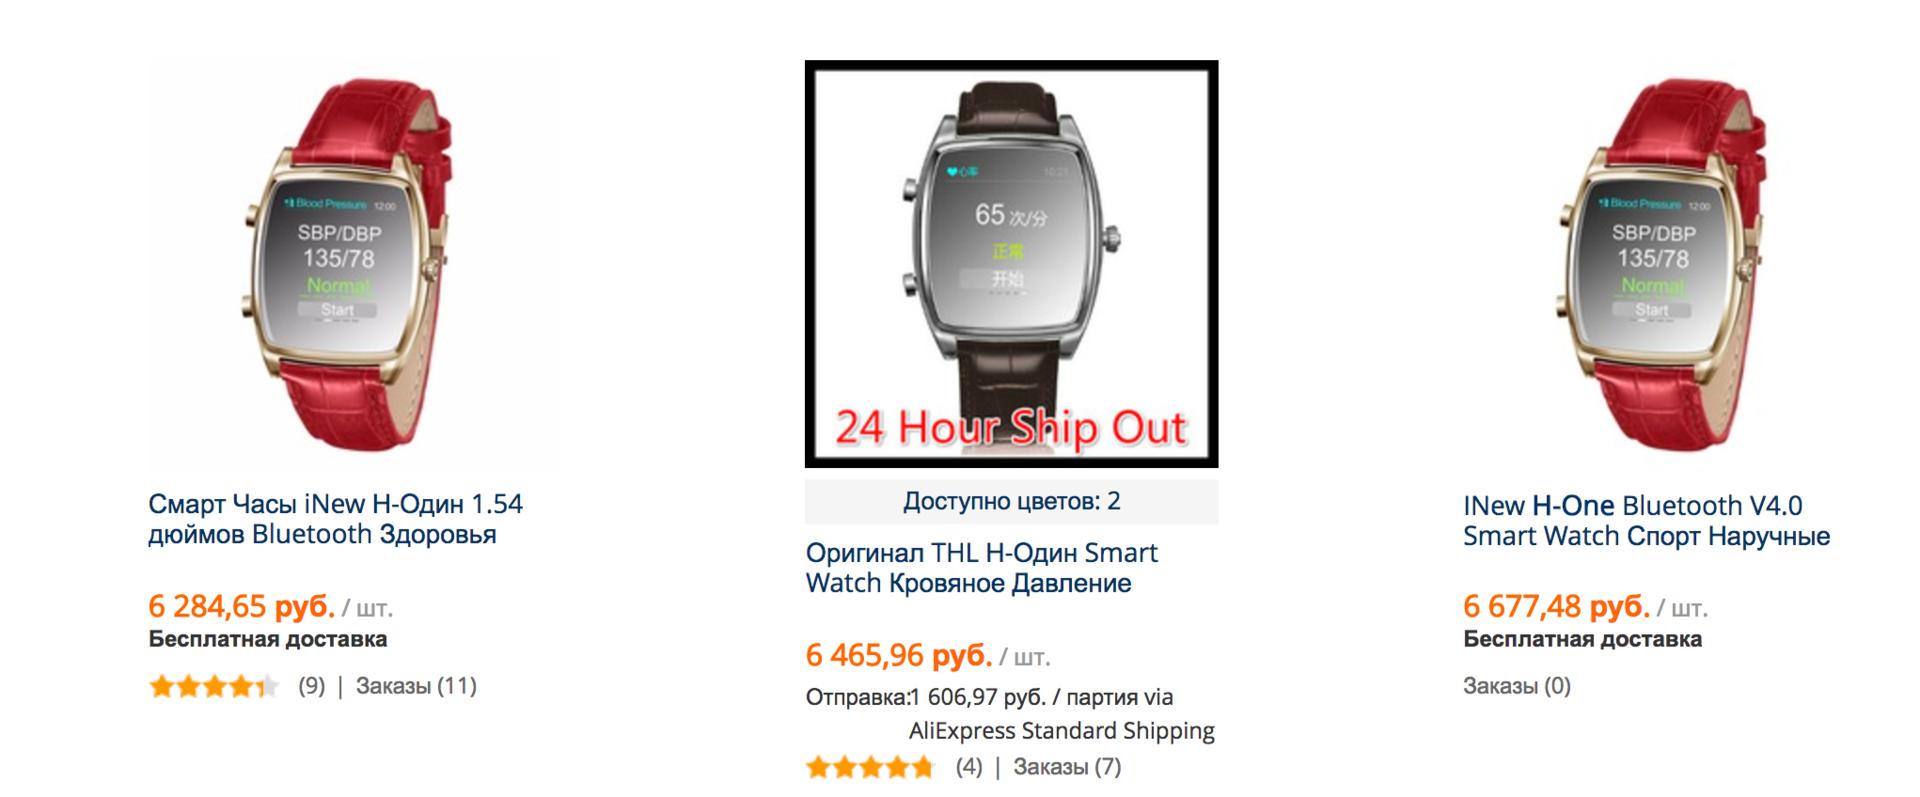 Почему правило «я куплю это в 10 раз дешевле на Aliexpress» не работает, и вы проиграете - 7